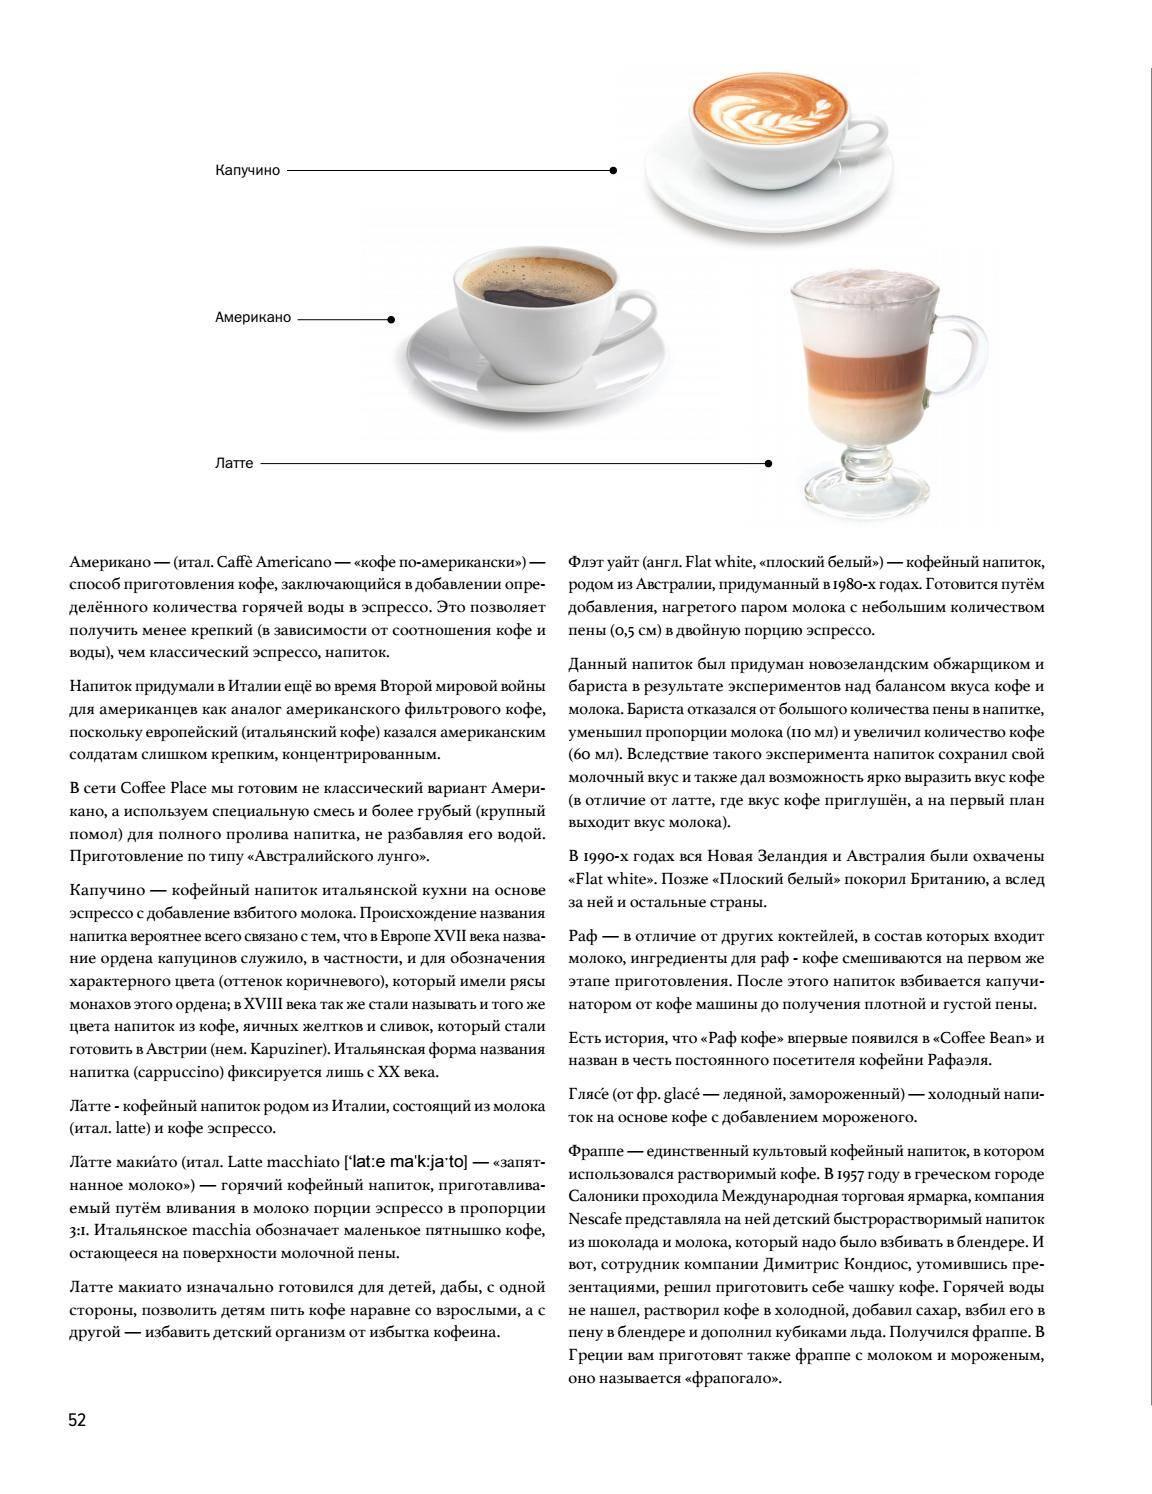 Кофе капучино: рецепты, секреты, тонкости приготовления